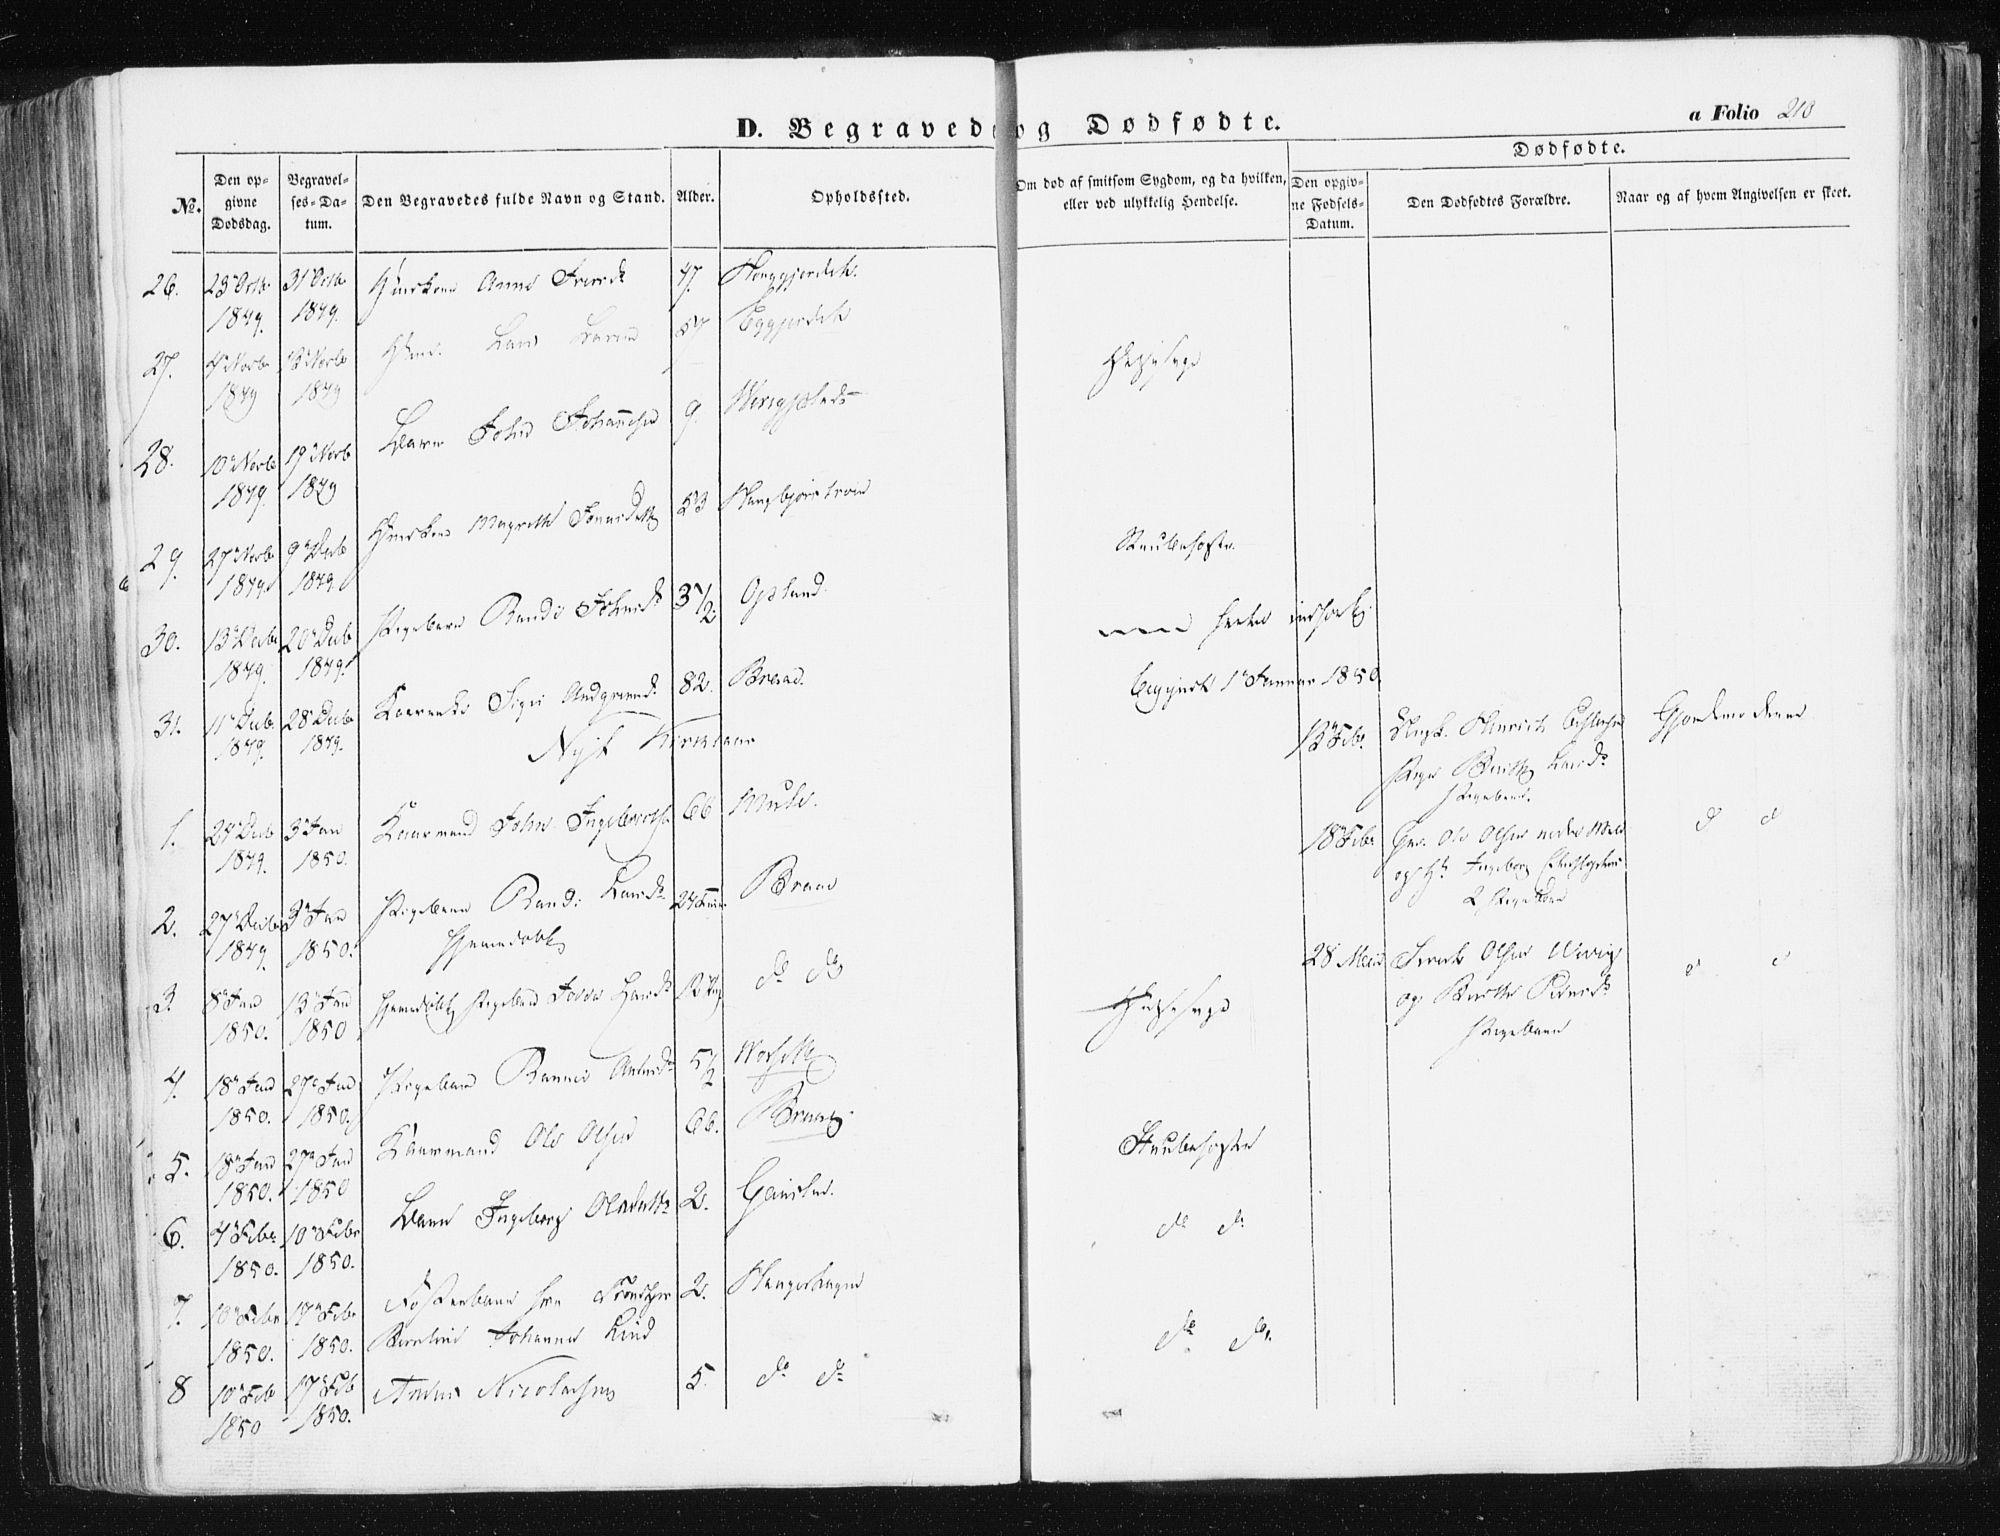 SAT, Ministerialprotokoller, klokkerbøker og fødselsregistre - Sør-Trøndelag, 612/L0376: Ministerialbok nr. 612A08, 1846-1859, s. 210